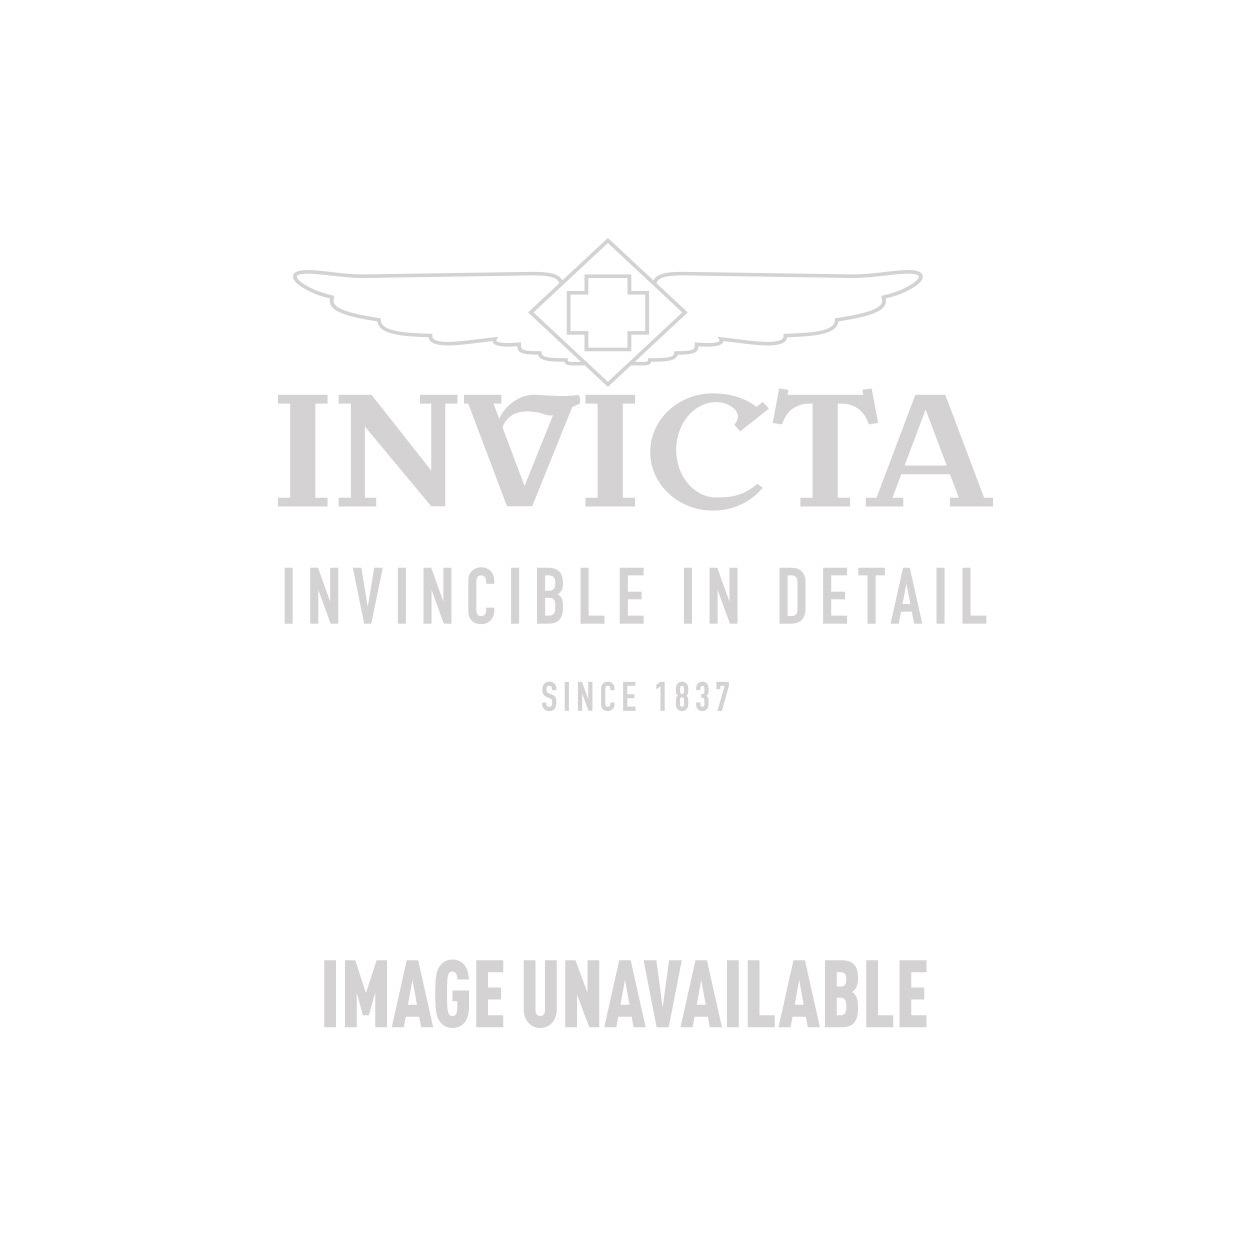 Invicta Model 22785